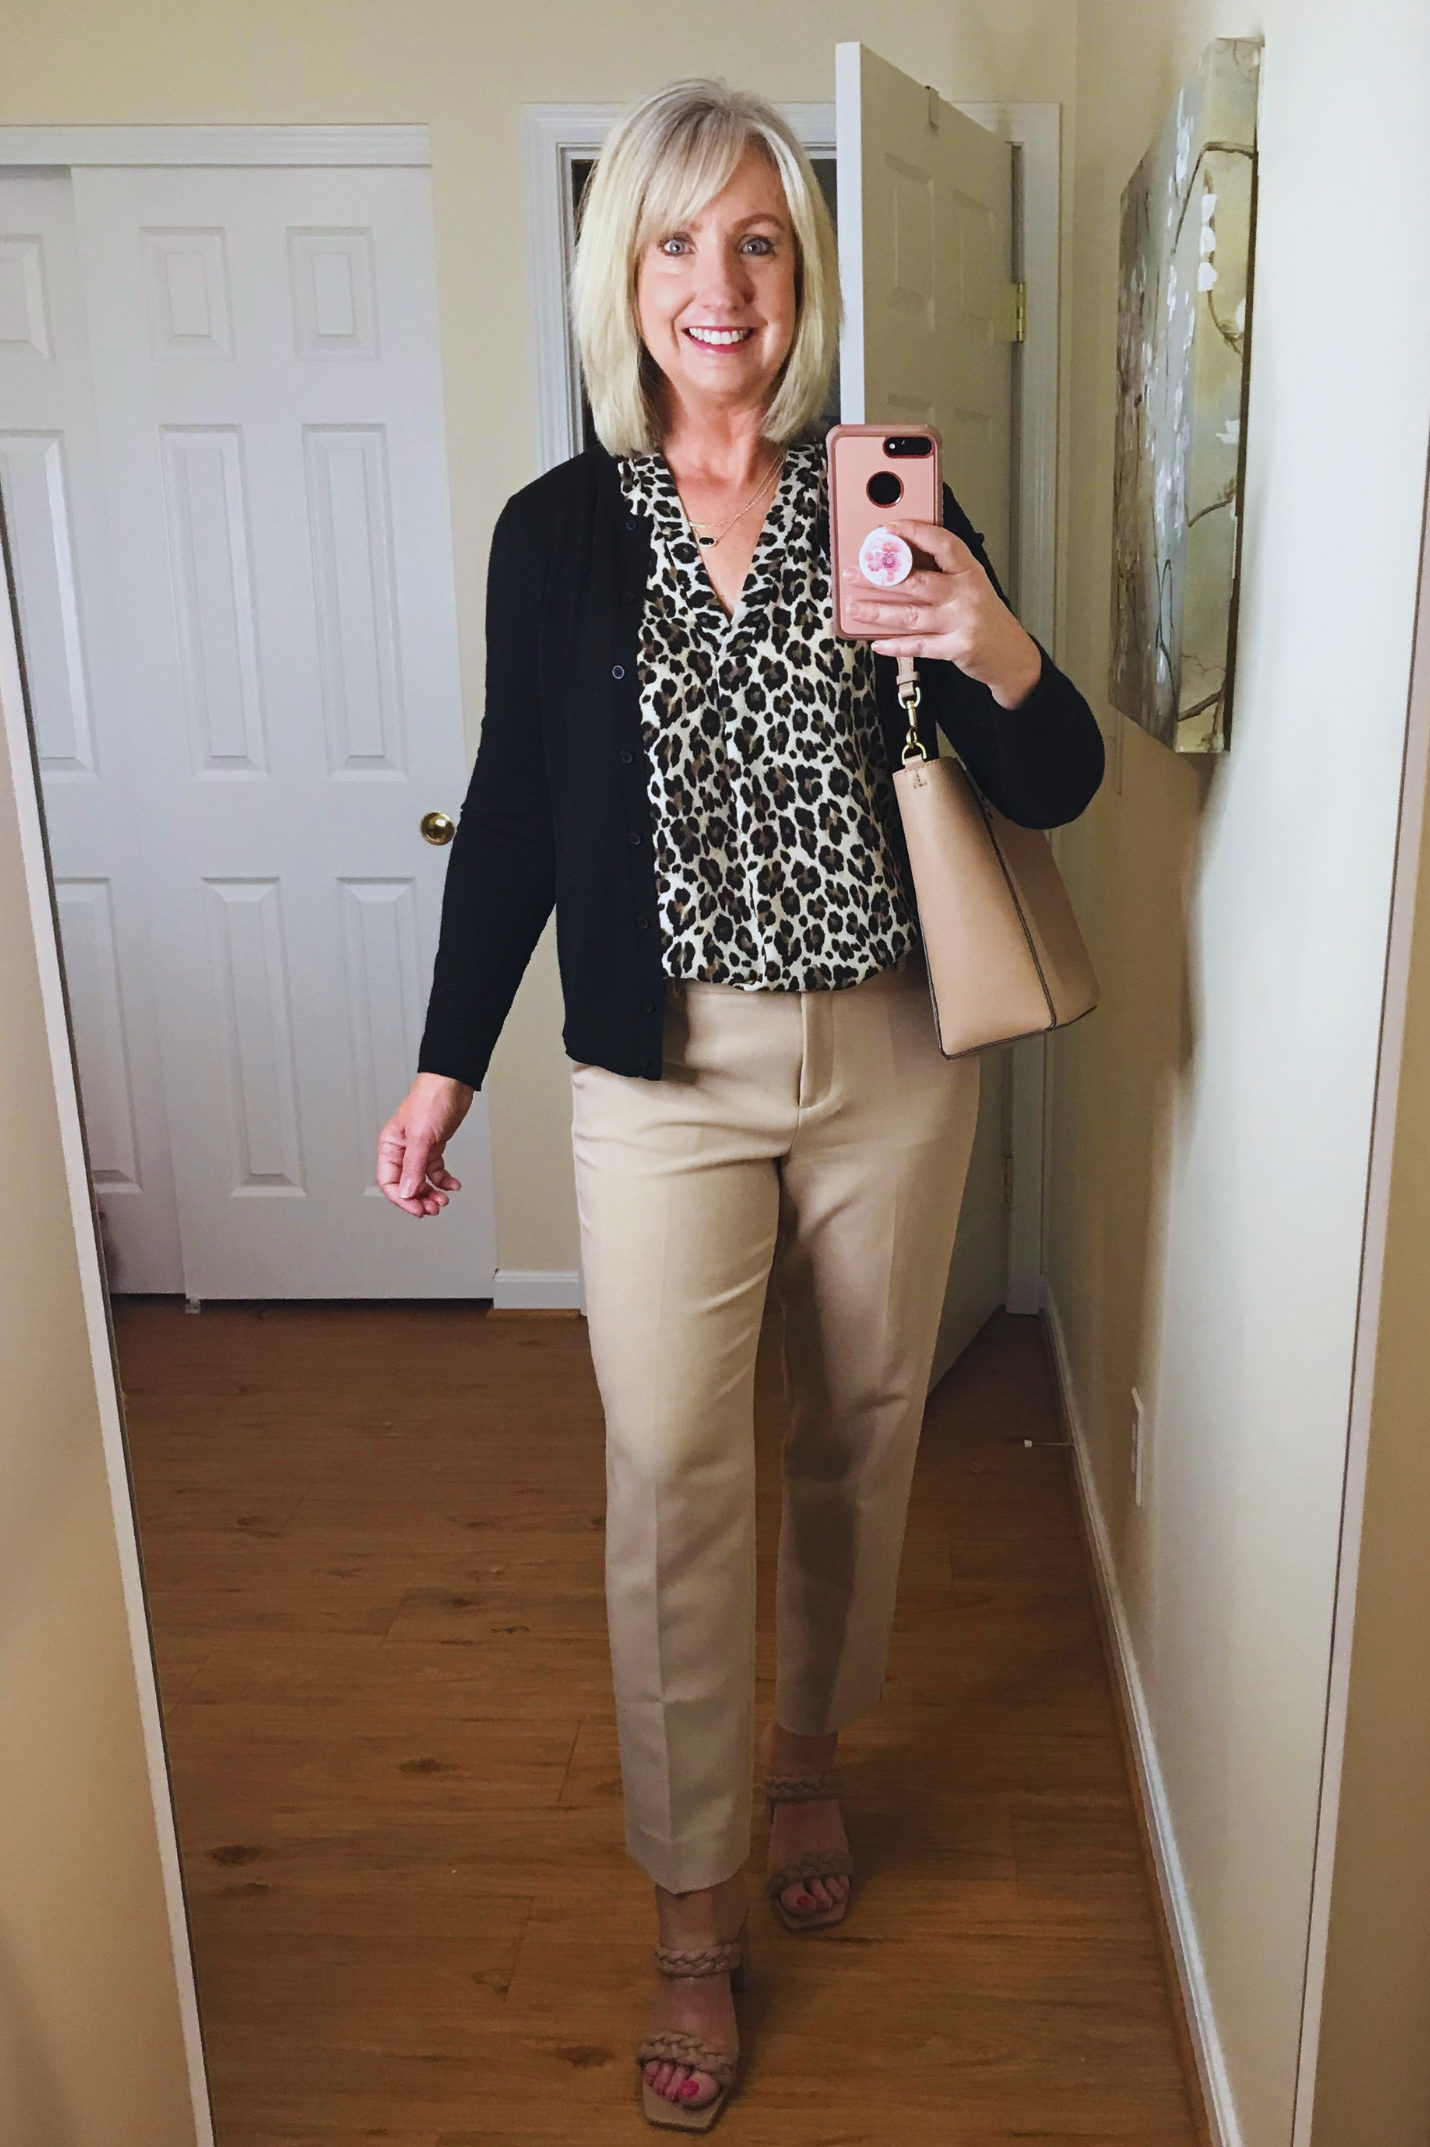 How I Really Dressed Sunday morning